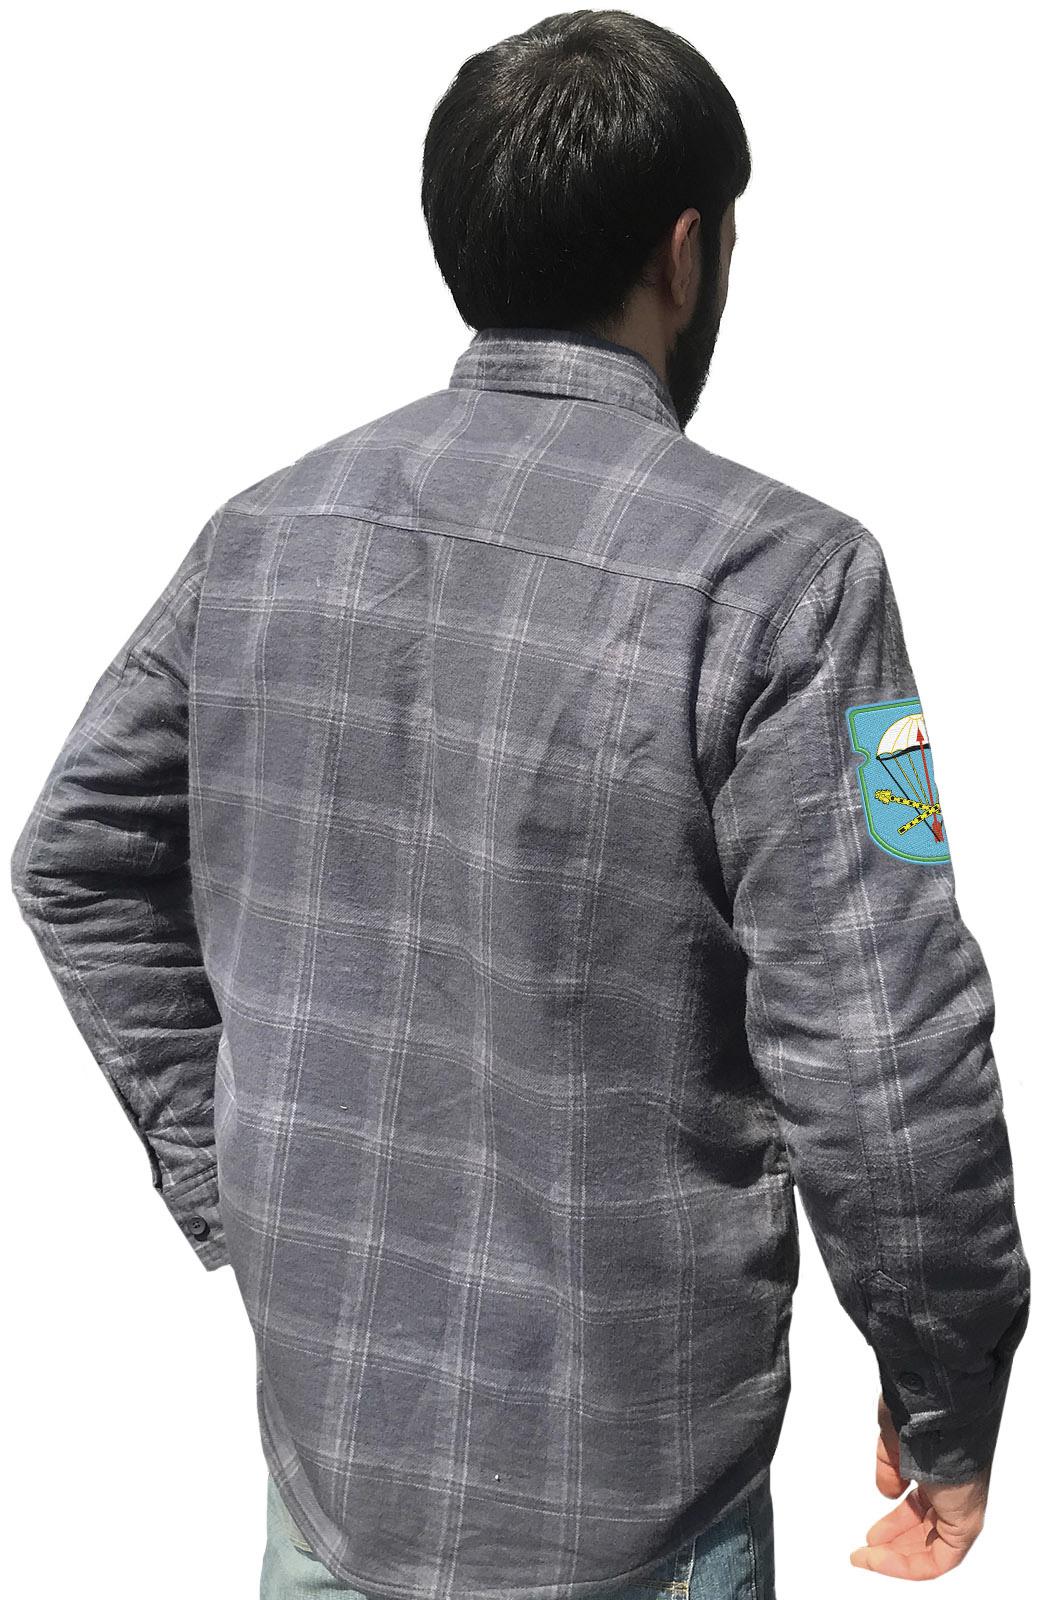 Купить мужскую утепленную рубашку с вышитым шевроном ВДВ 116-й ОПДБ 31 гв. ОДШБр оптом выгодно